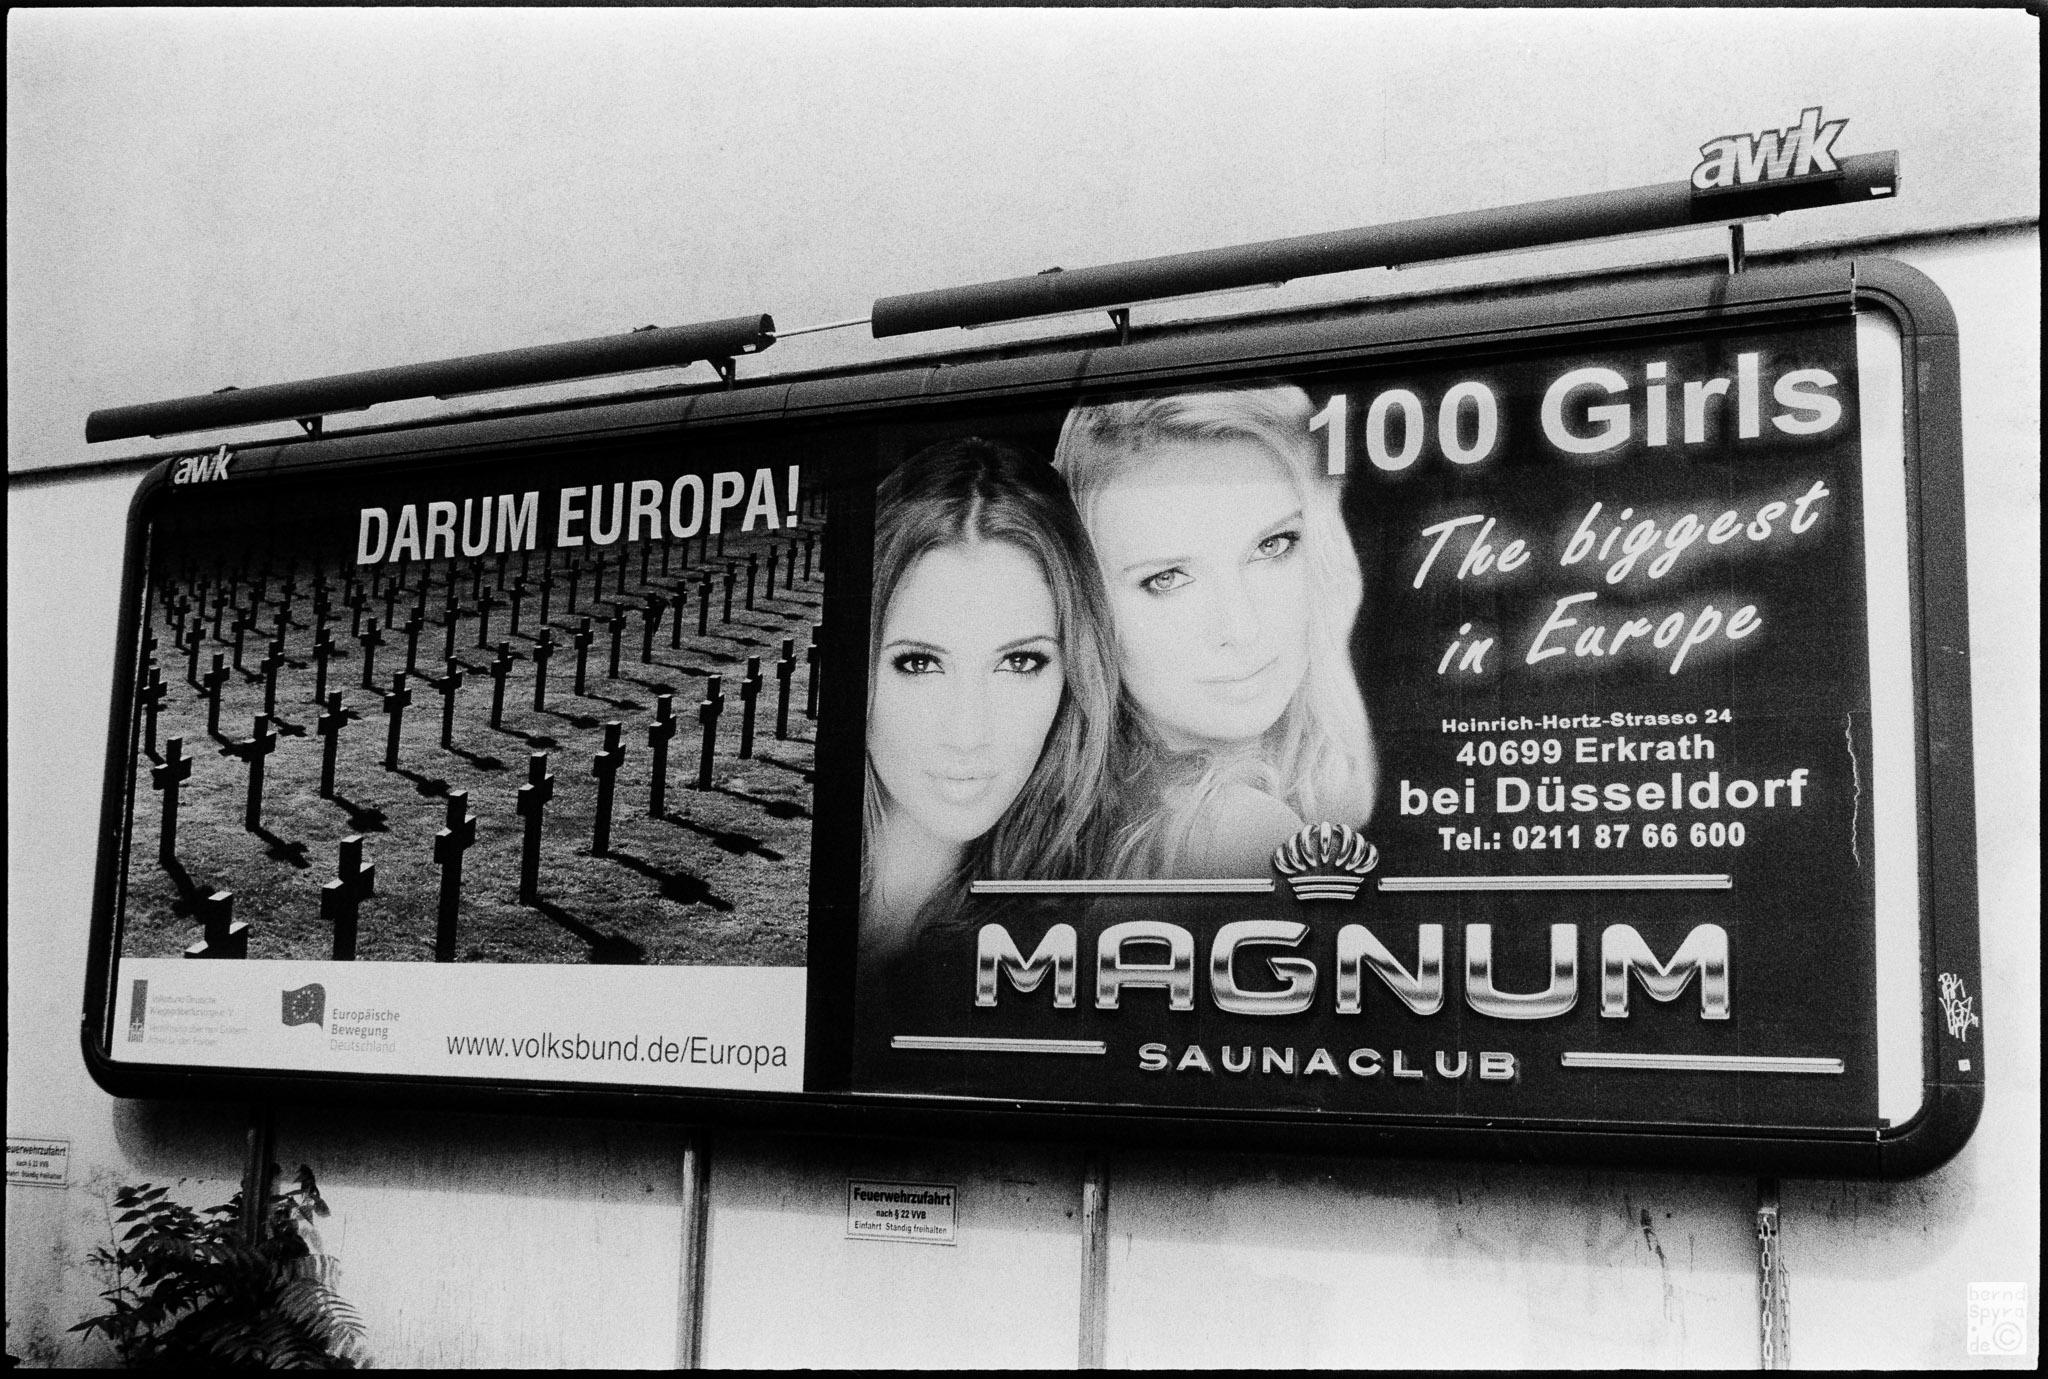 Magnum erkrath girls